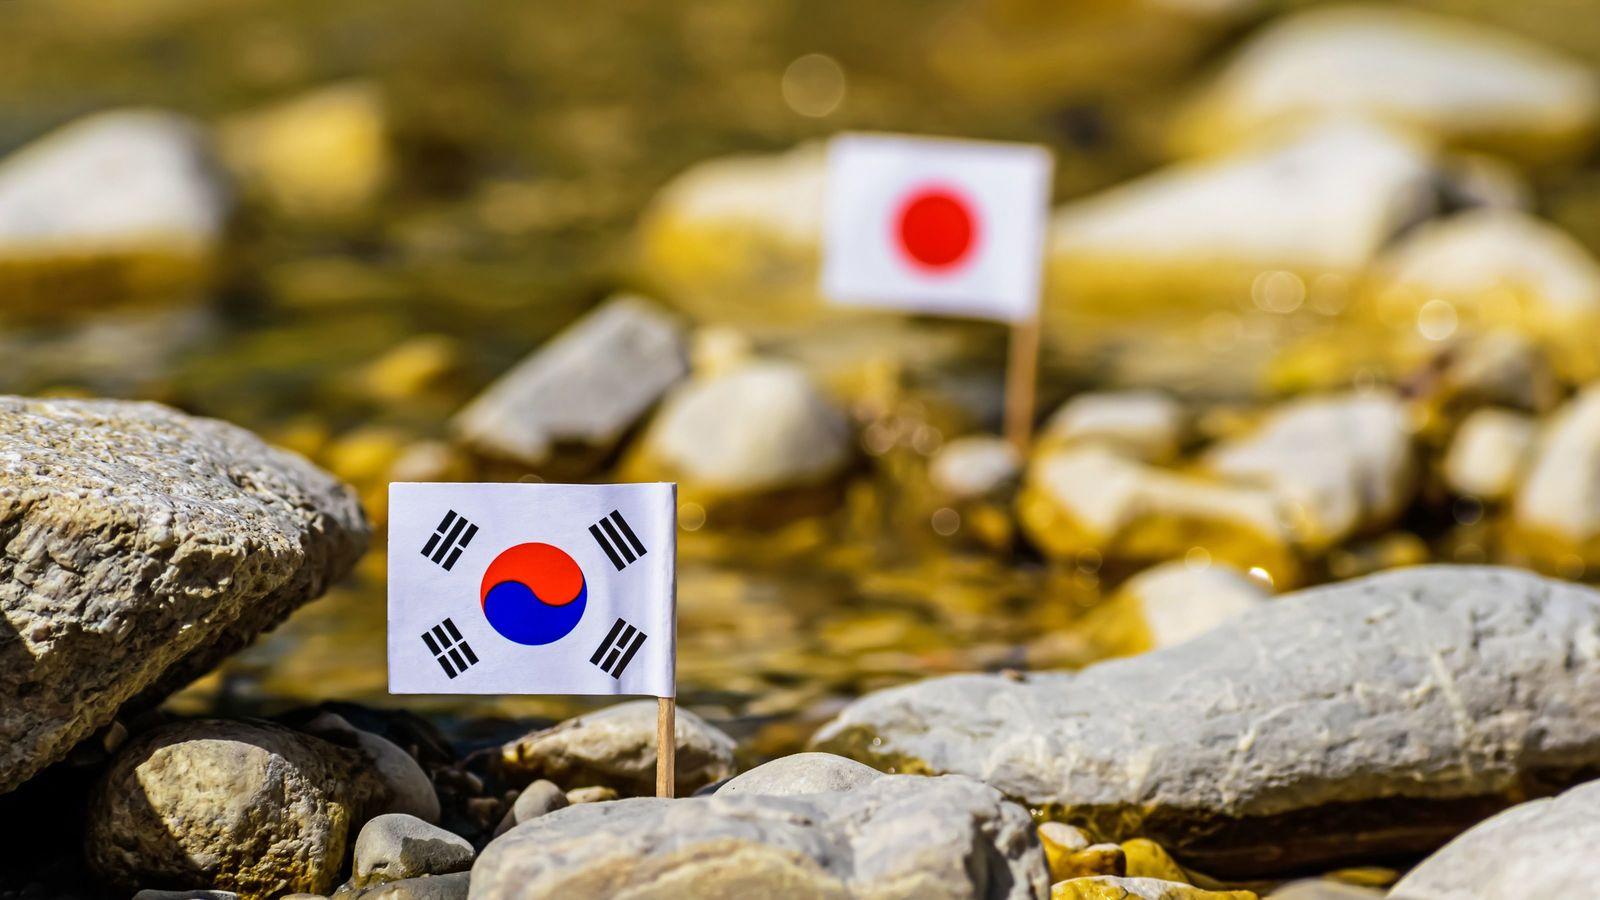 橋下徹「日韓交渉で延々と平行線が続いてしまう根本原因」 交渉に必要なのは「要望と譲歩」だけ